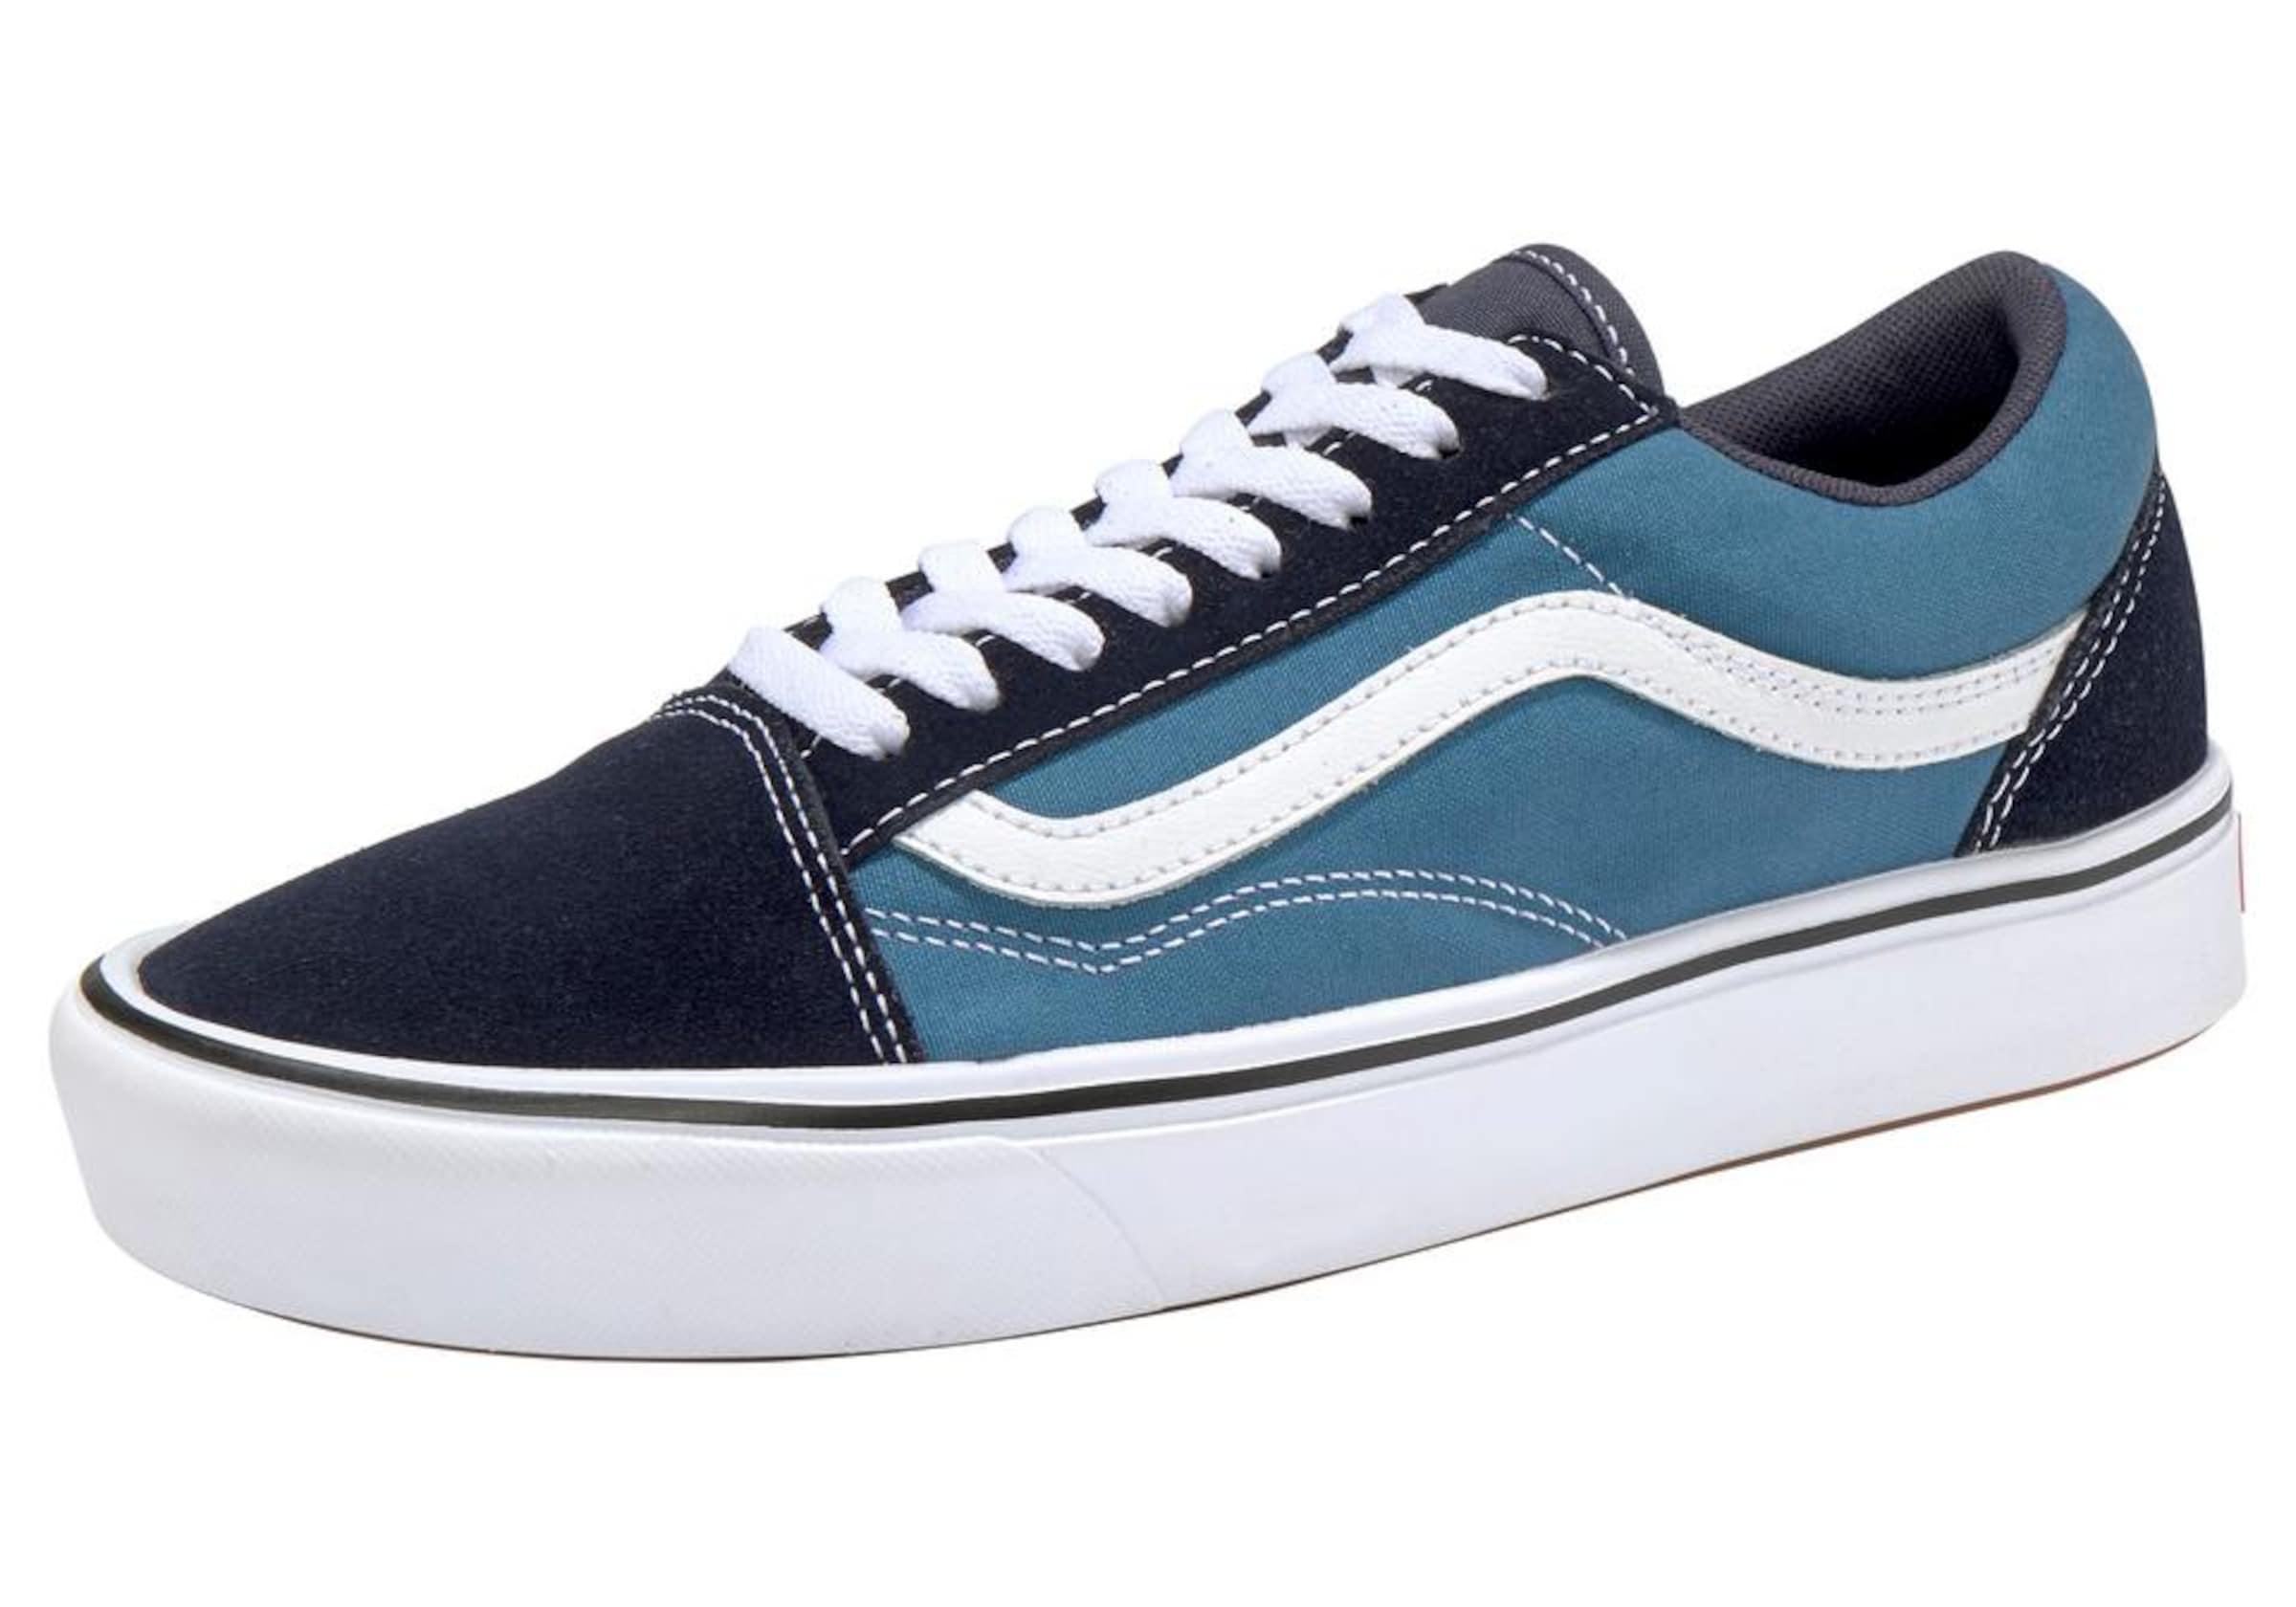 Skool' Cush NachtblauHimmelblau Weiß Vans Old 'comfy Sneaker In IWEDH29Y